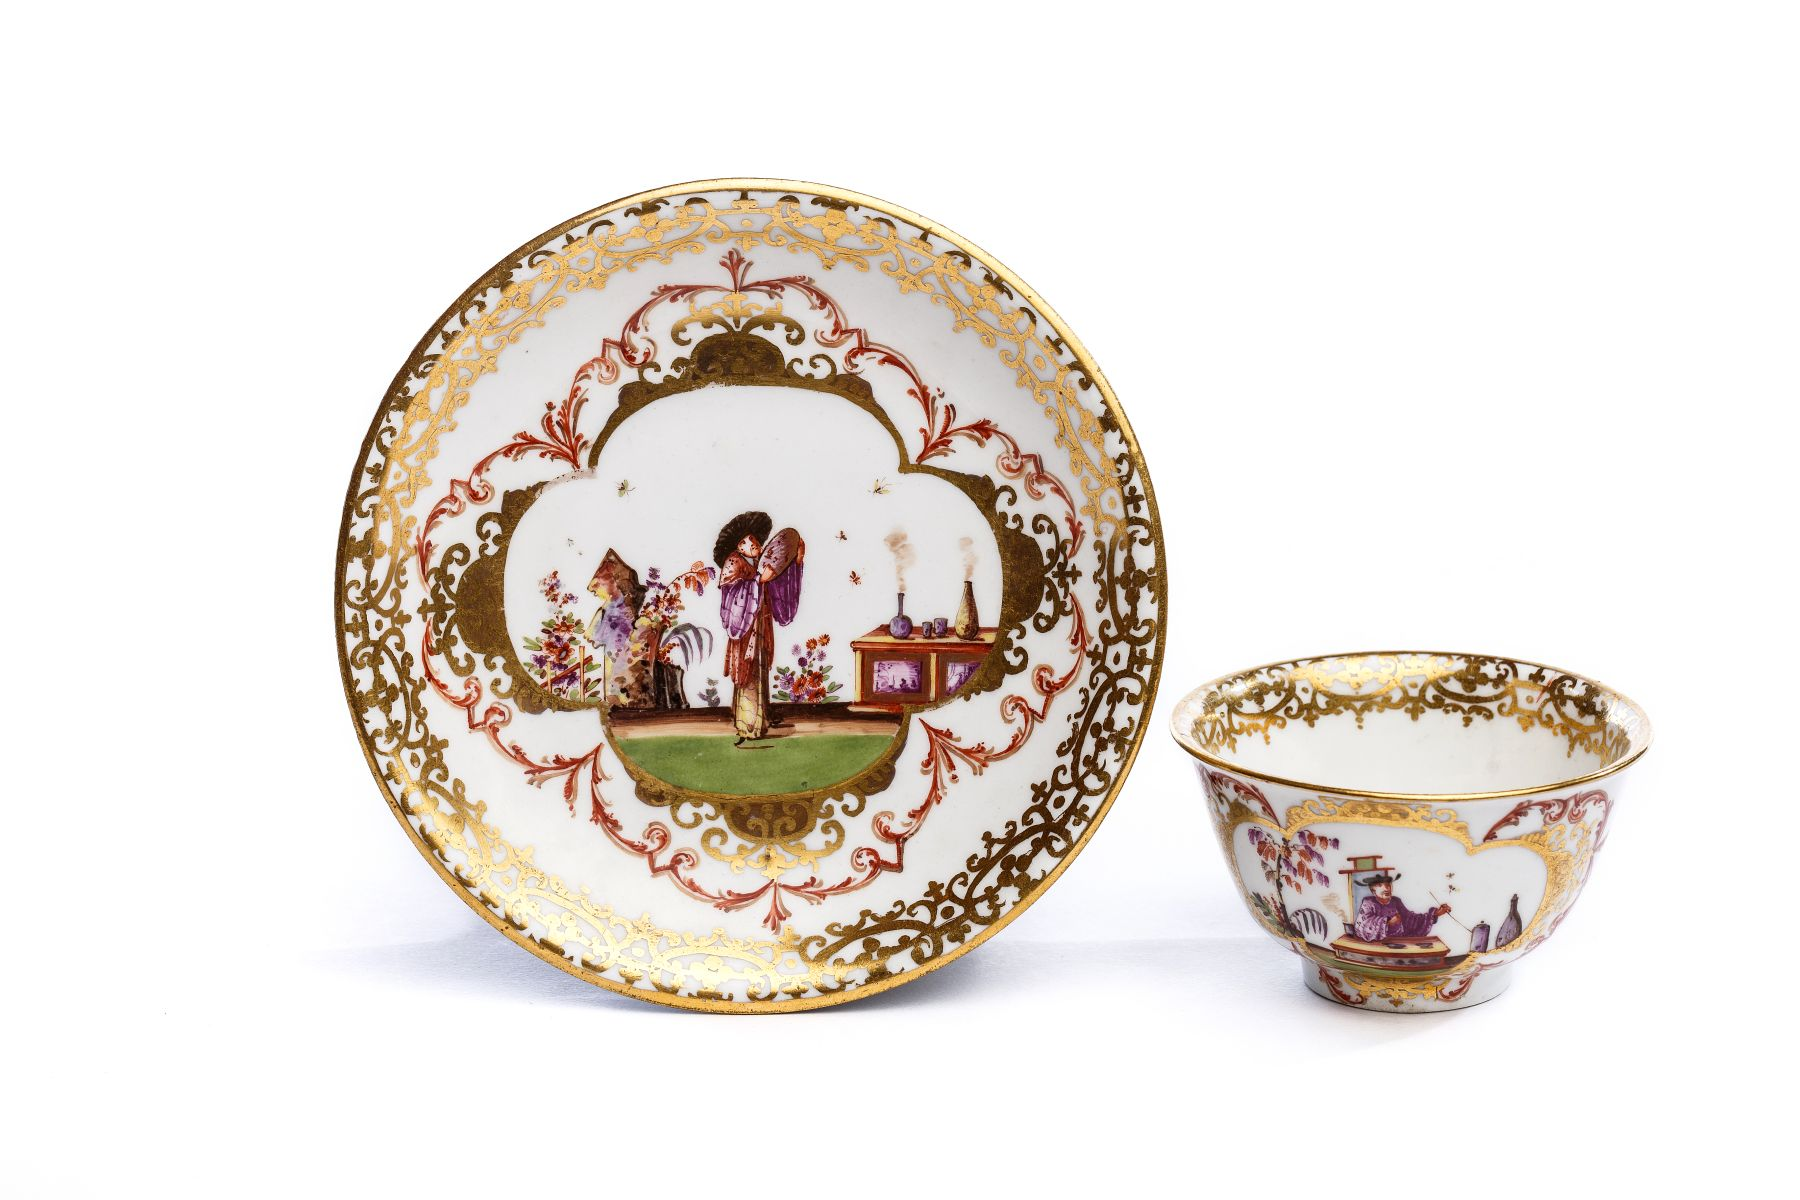 #66 Bowl with saucer, Meissen 1723/25 | Koppchen mit Unterschale, Meissen 1723/25 Image